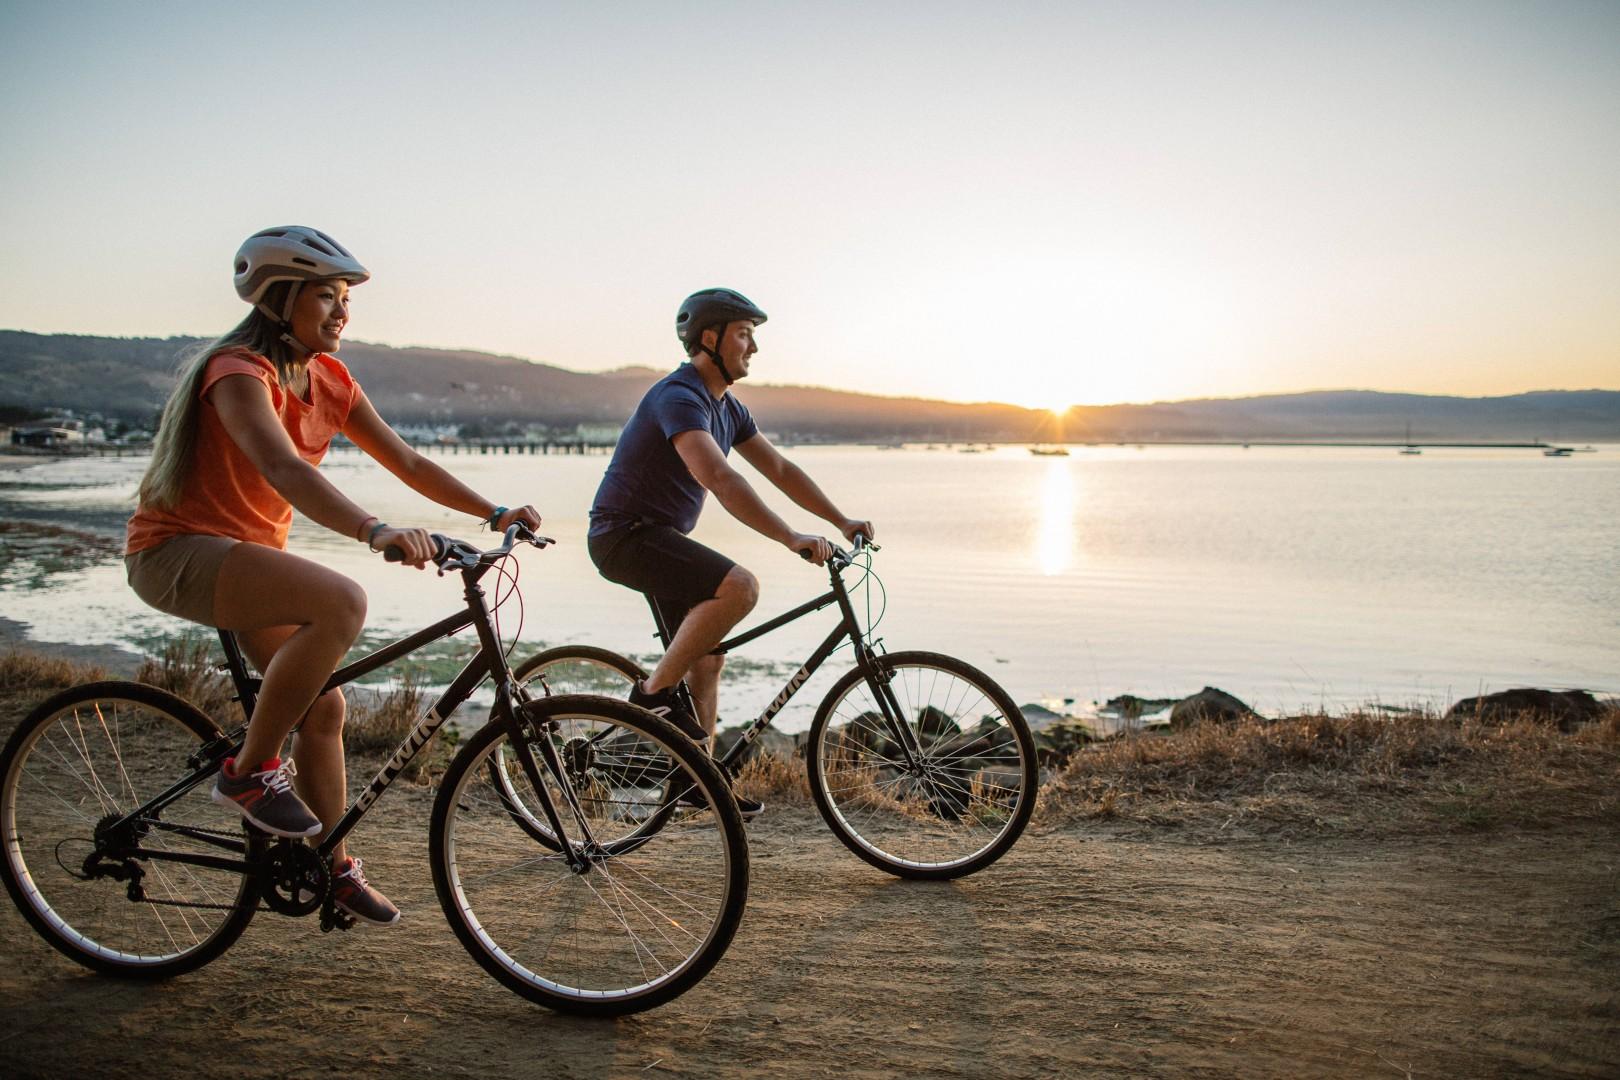 Így biciklizzünk helyesen és biztonságosan - Napidoktor